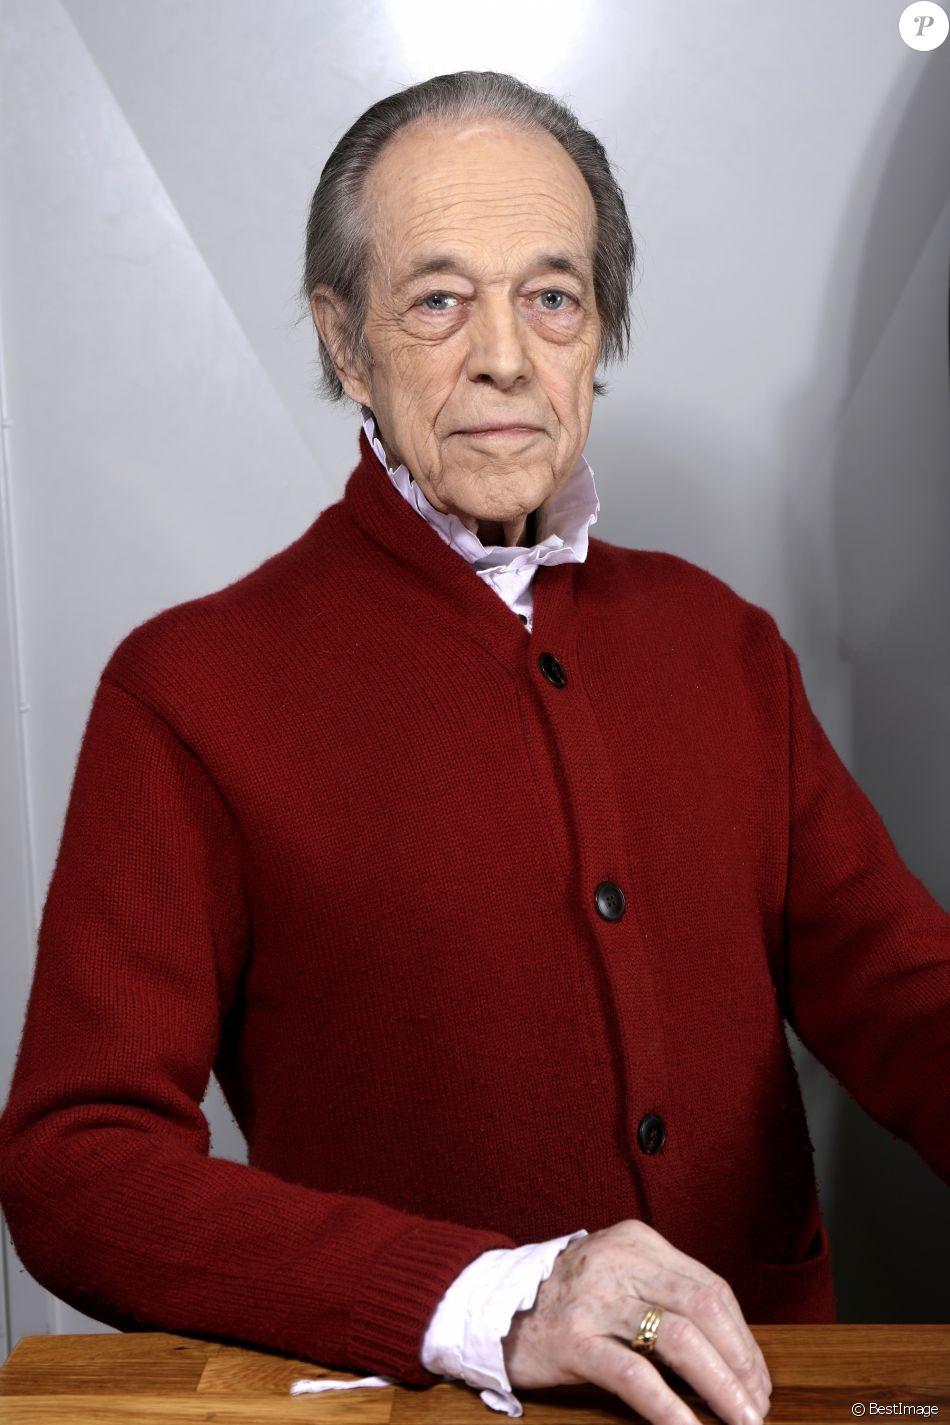 Henri d'Orléans, comte de Paris. Portrait à Paris, le 14 décembre 2016. Henri d'Orléans est mort à 85 ans le 21 janvier 2019. © Cédric Perrin/Bestimage